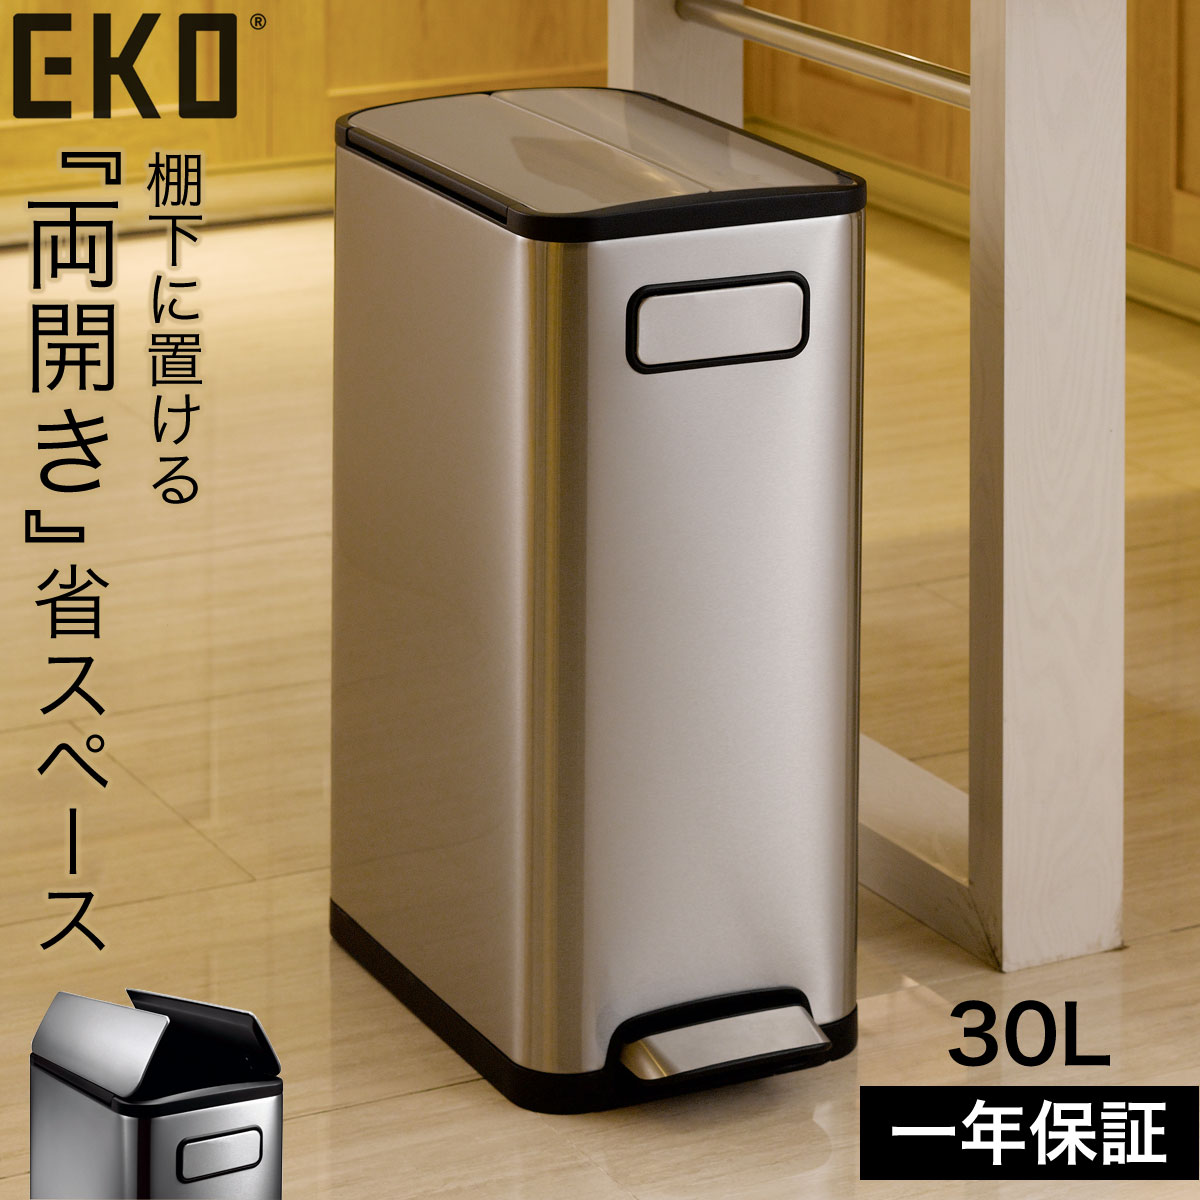 包装不可 メーカー直送 便利 ダストボックス 送料無料 代引不可 完成家具 YU-1400 ゴミ箱 分別 アイデア 返品不可 仕切りが選べるダストボックス 仕切り 【RCP】 おしゃれ